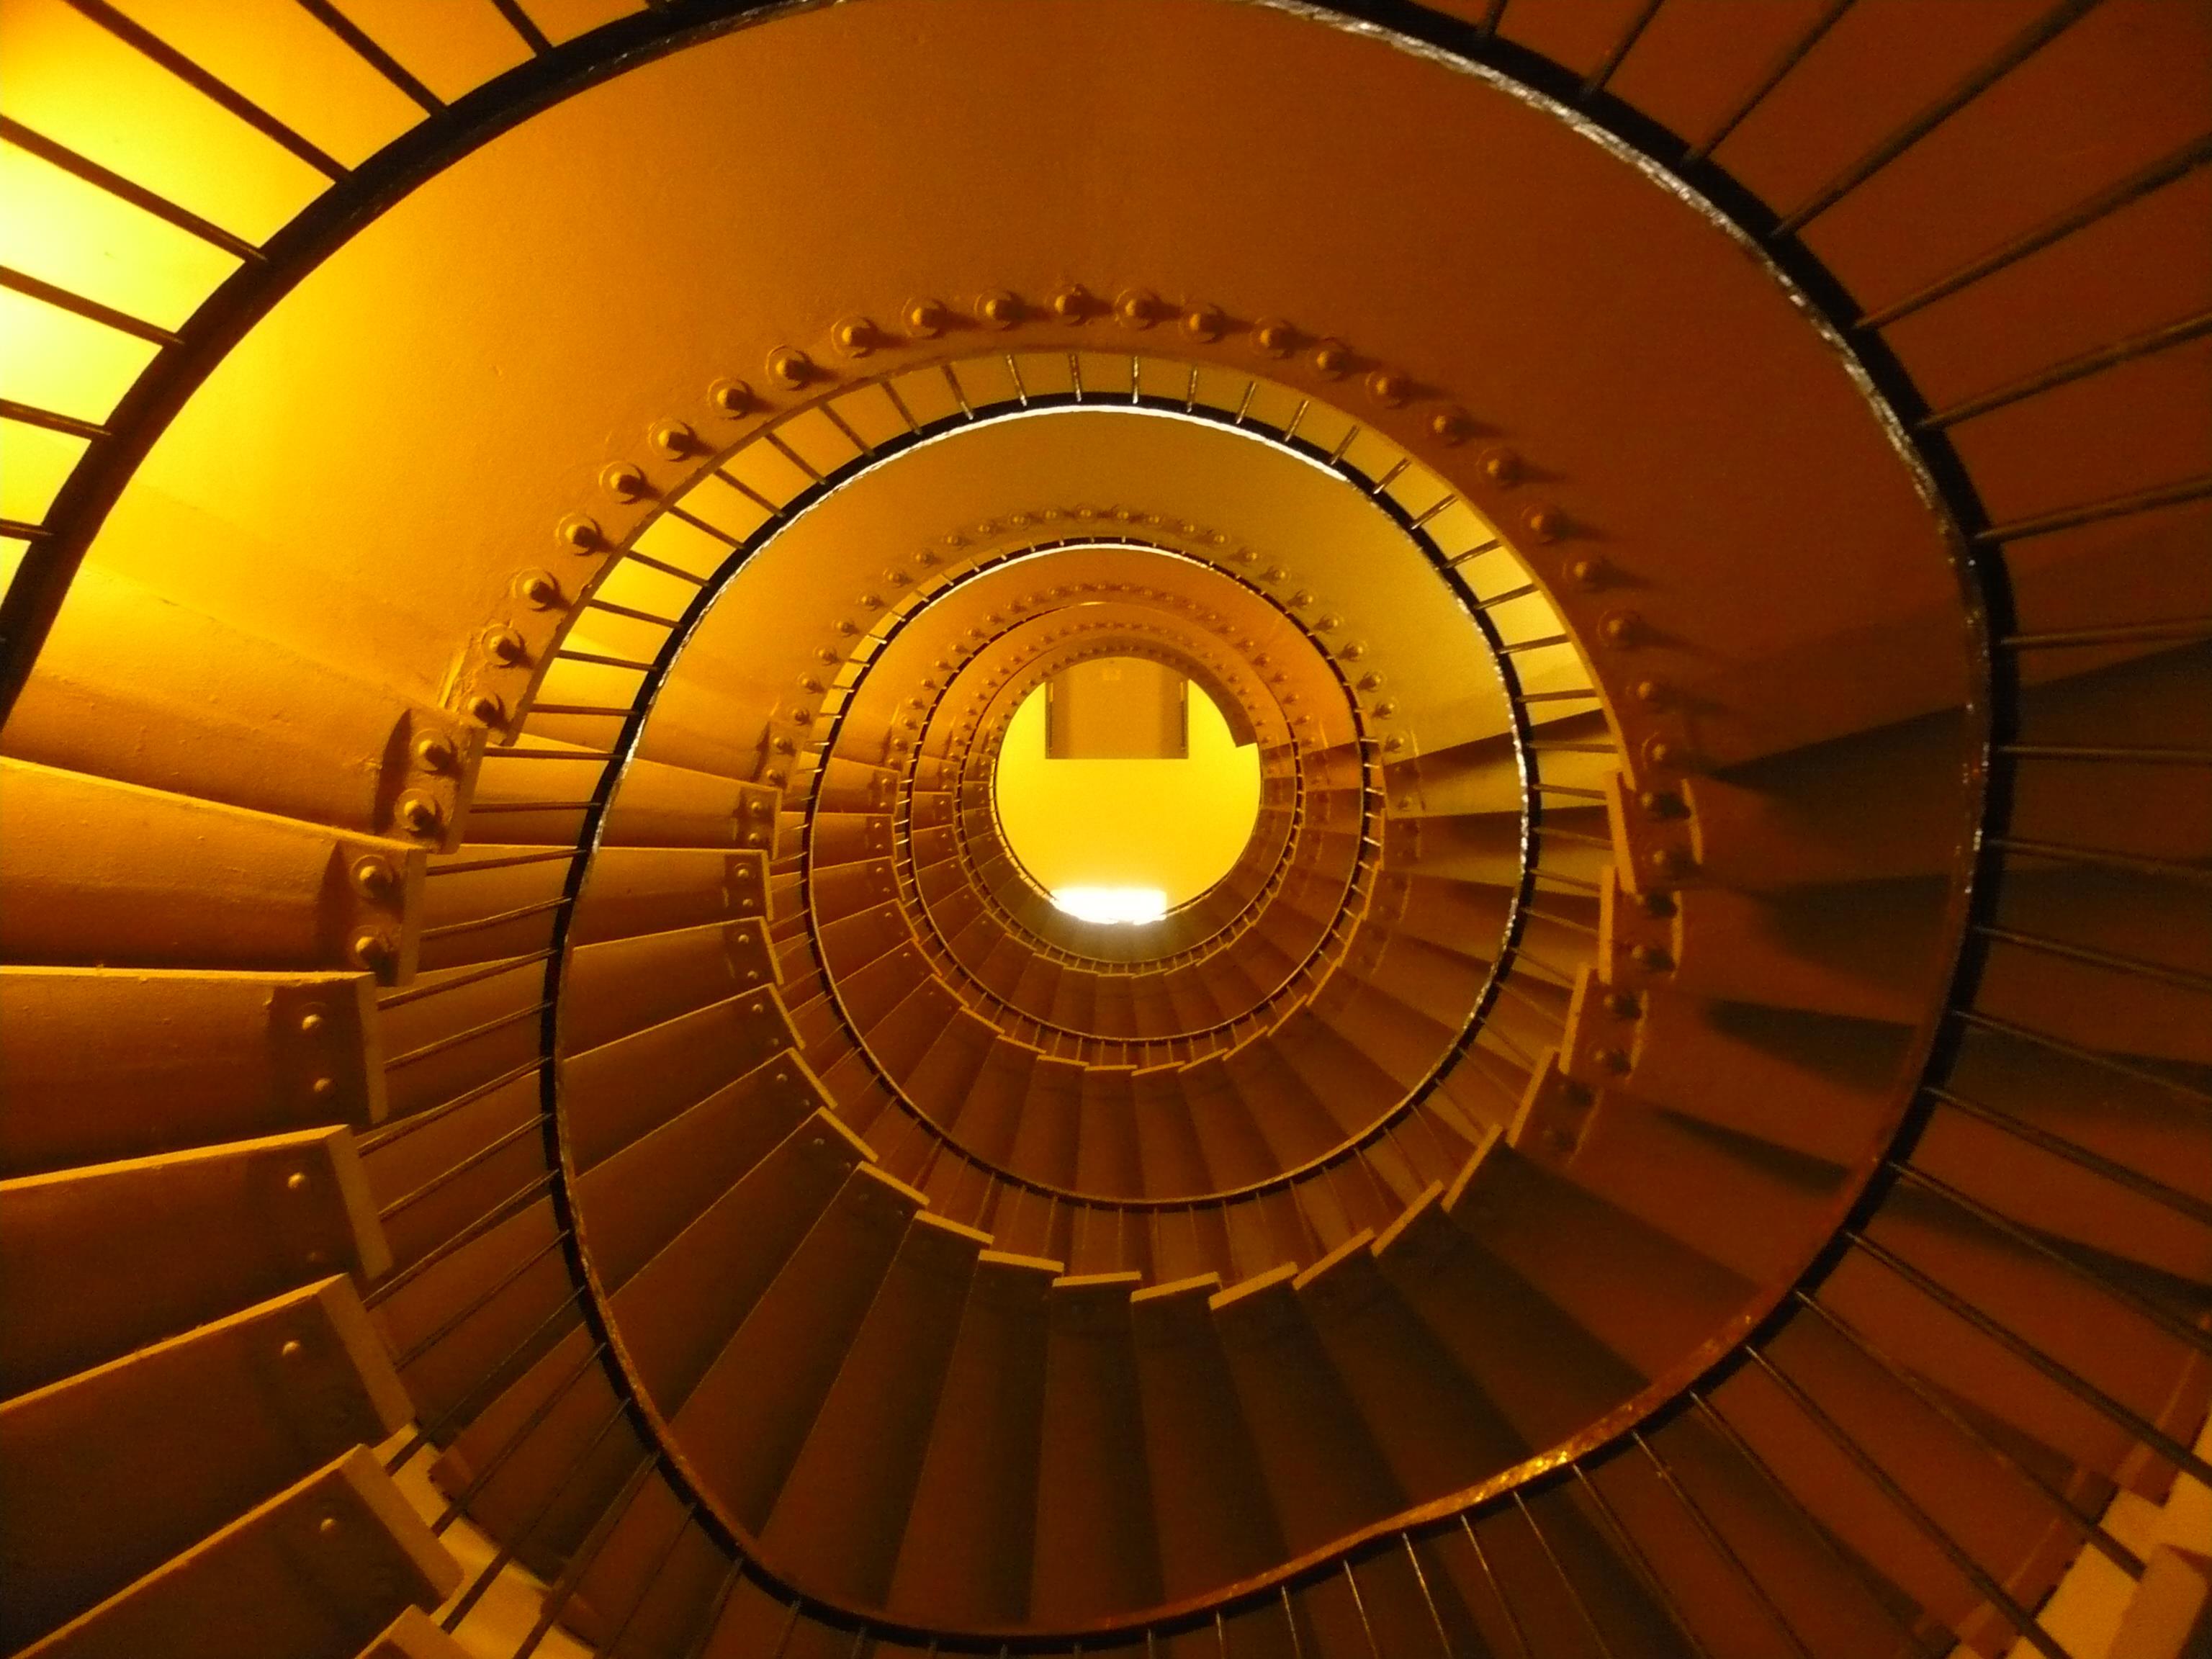 Escalier de Jussieu